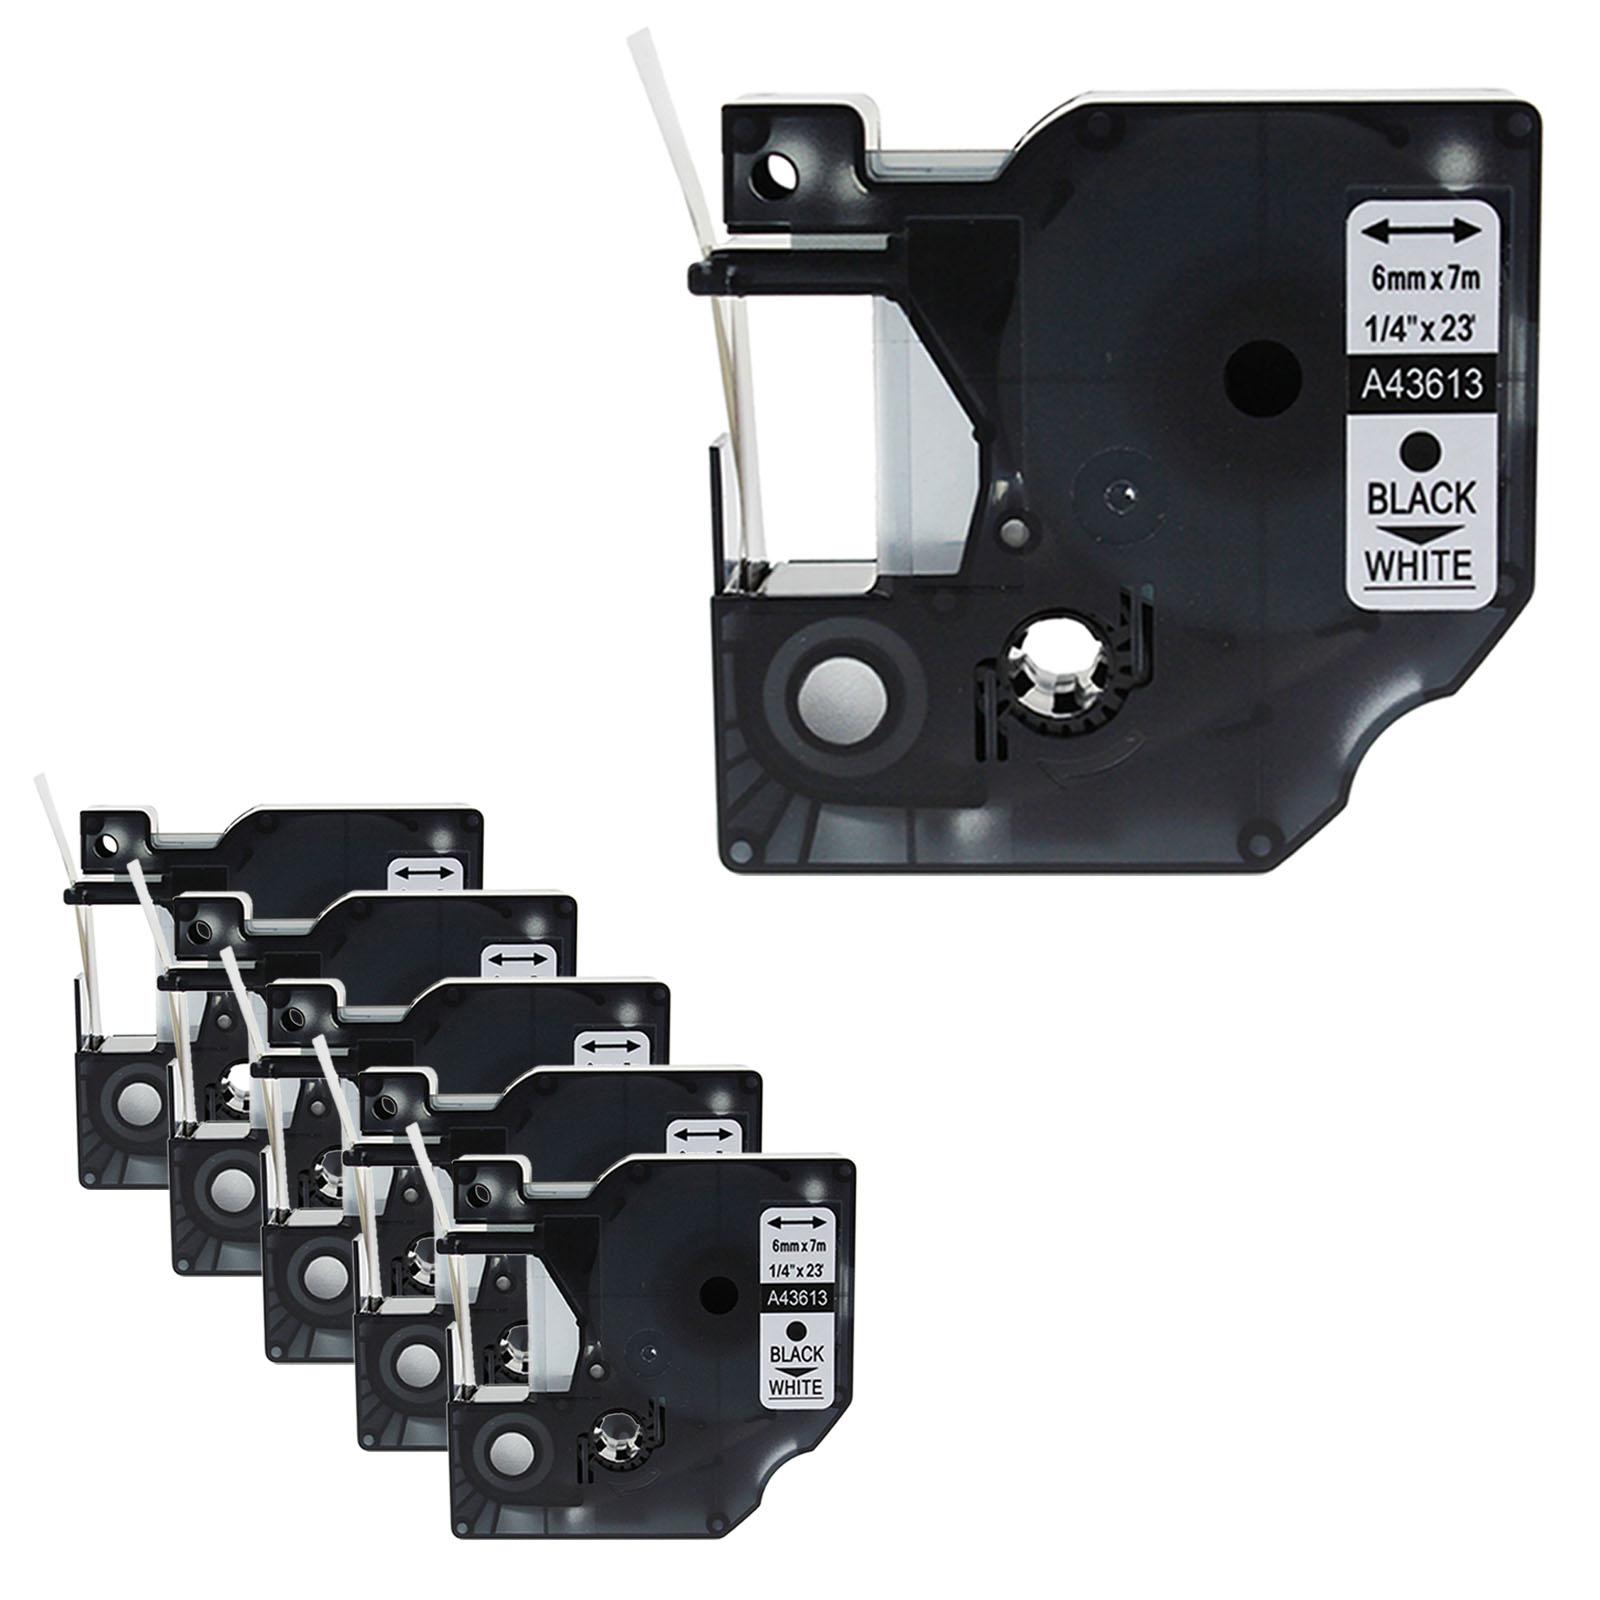 6mm  Black on White 43613 Tape For Dymo D1 Label Maker LabelManager 120P 160 2PK